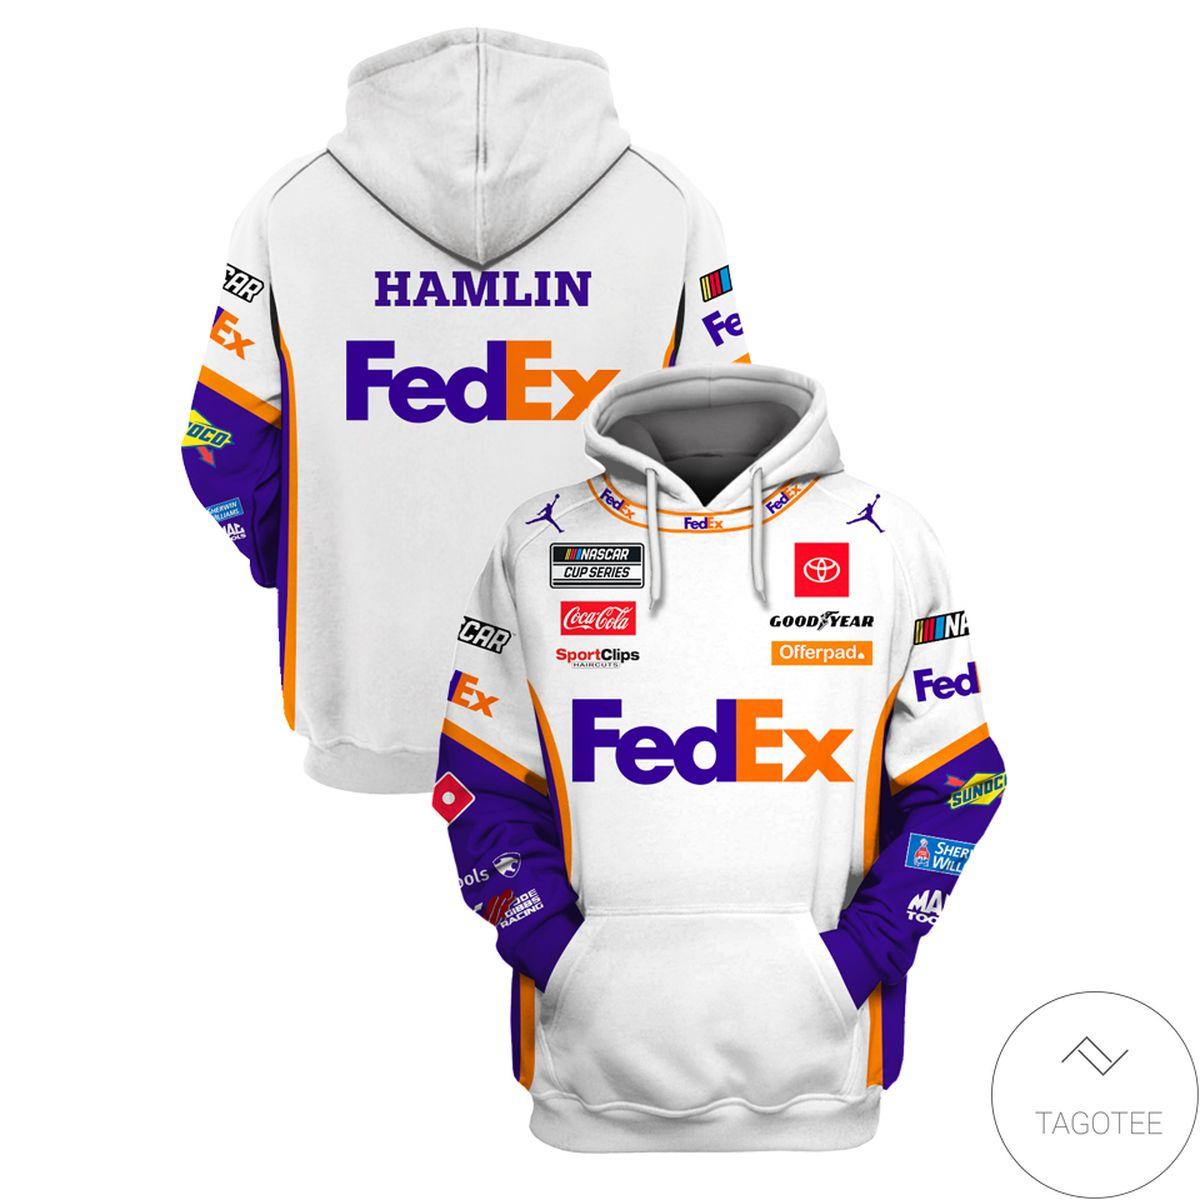 Limited Edition Denny Hamlin FedEx Hoodie